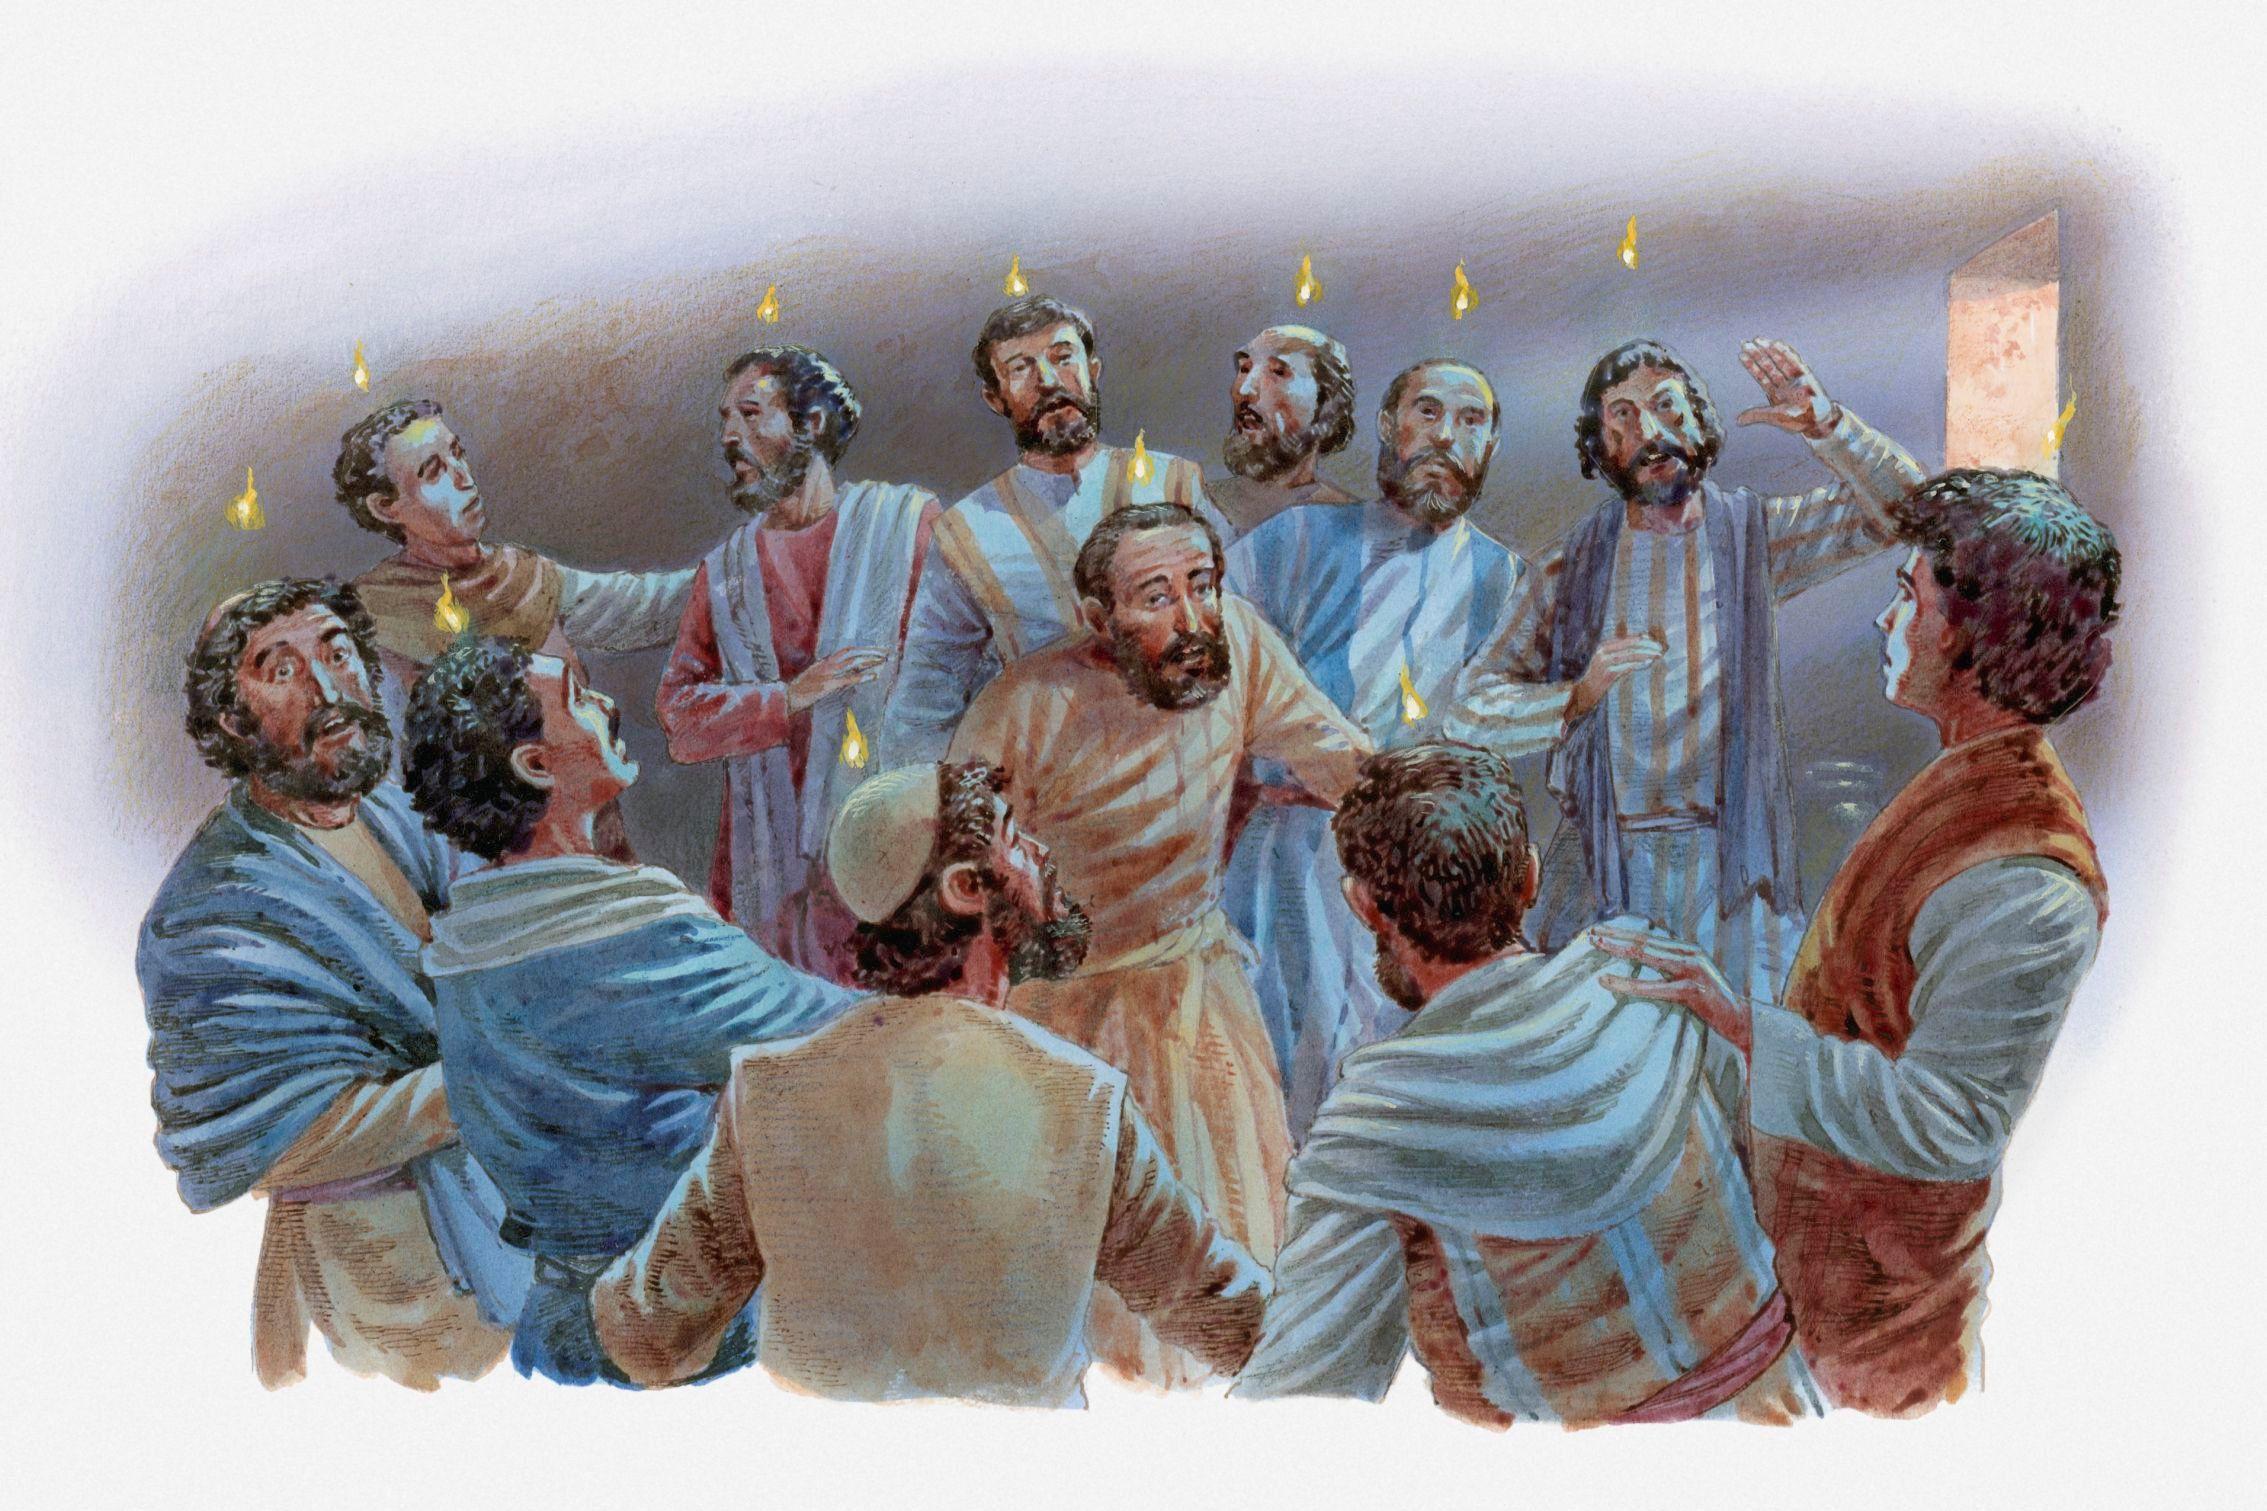 Pentecost bible study - cogrm.com